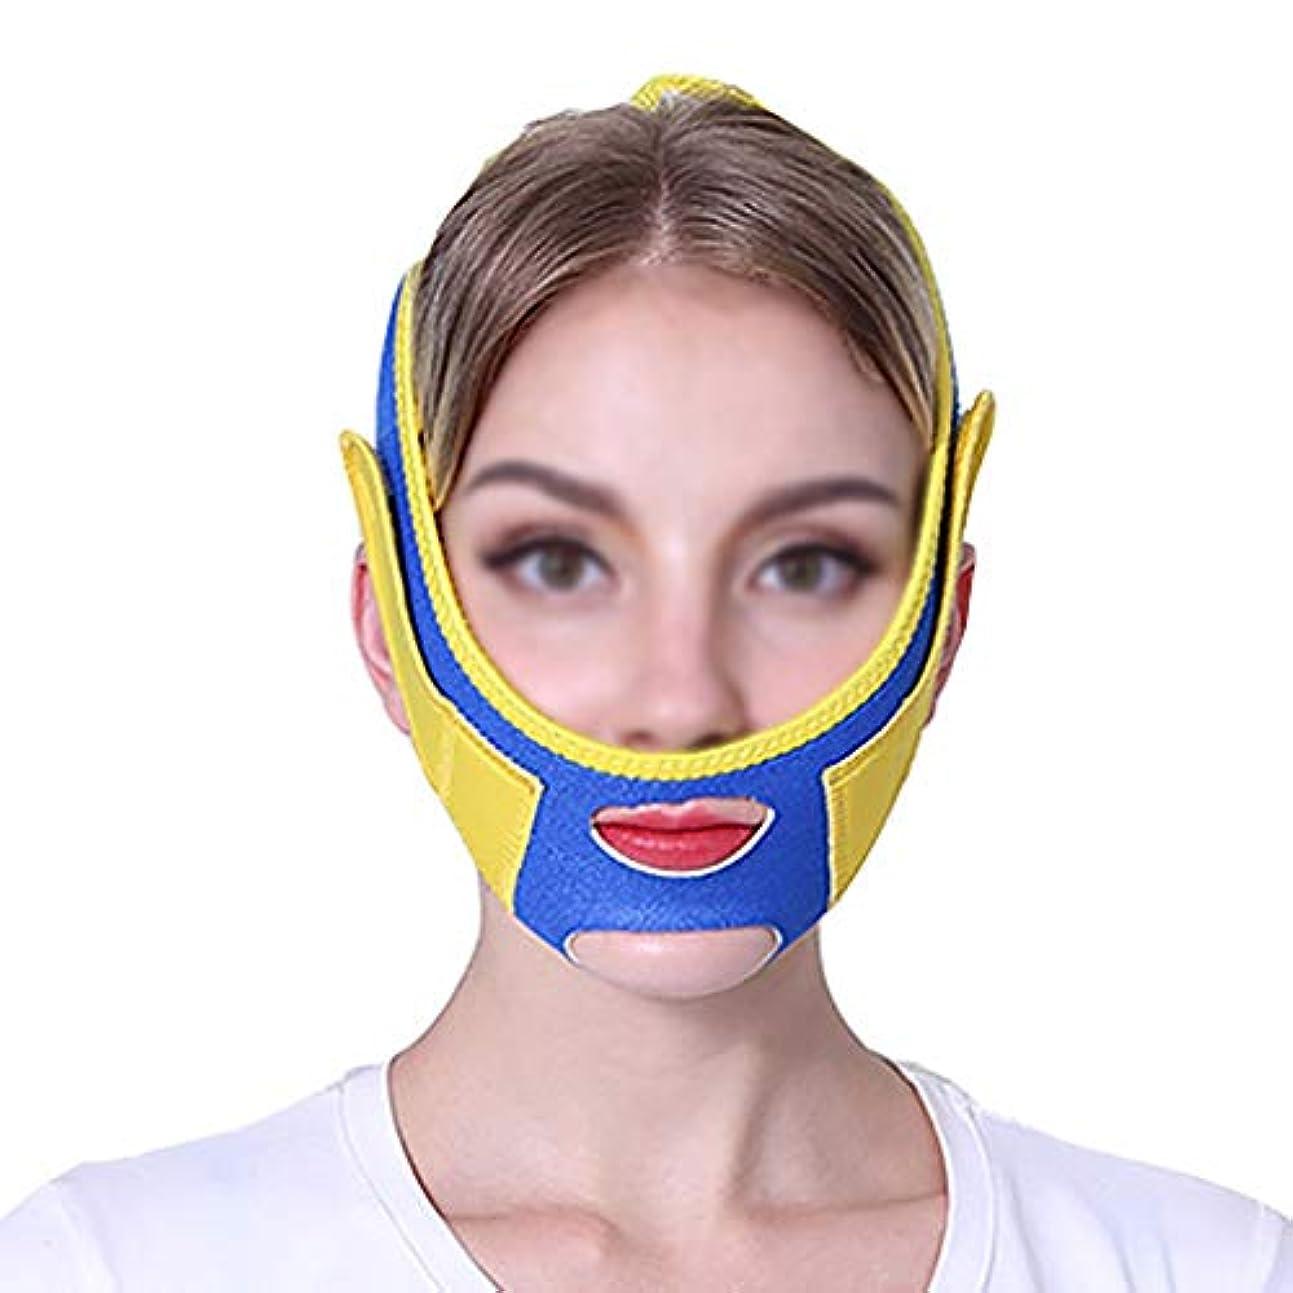 粘液ホールドオールビタミンTLMY ファーミングマスクスモールvフェイスアーティファクトリフティングマスクフェイスリフティングフェイスリフティングマスクファーミングクリームフェイシャルリフティング包帯 顔用整形マスク